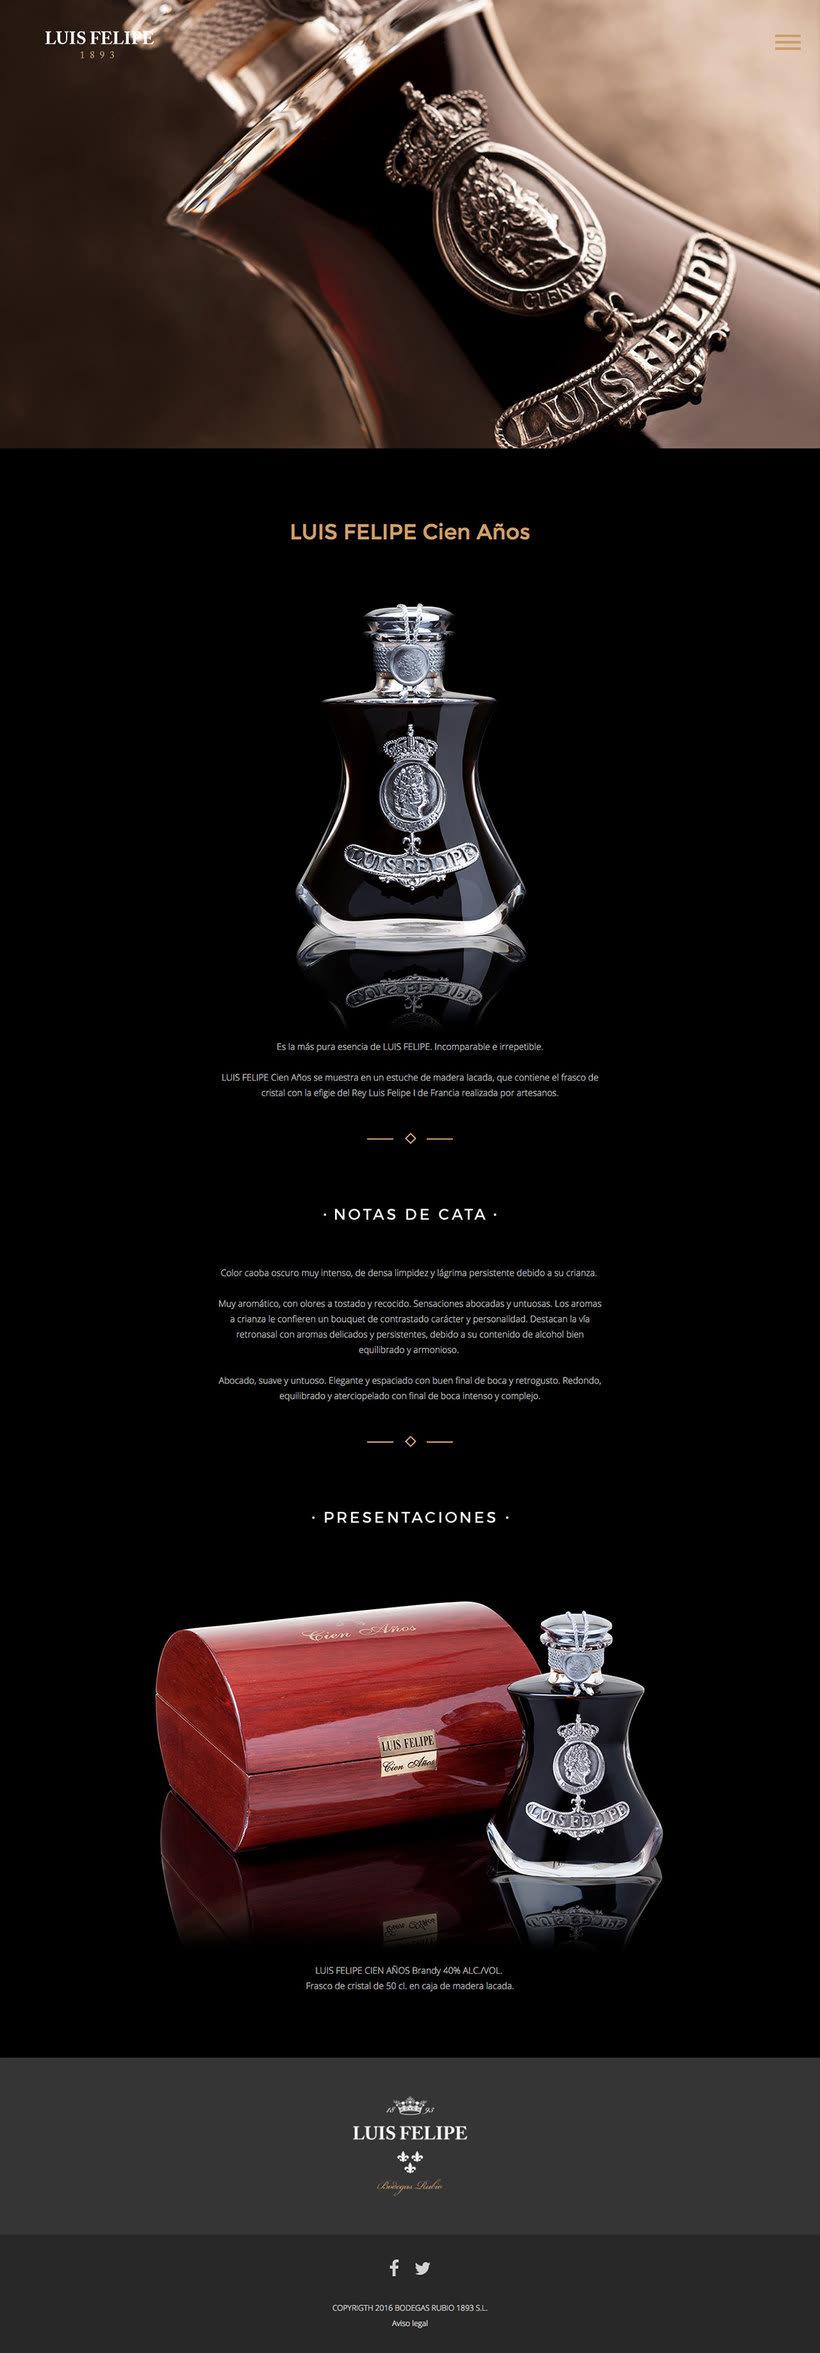 Brandy Luis Felipe. Diseño de Página Web 2